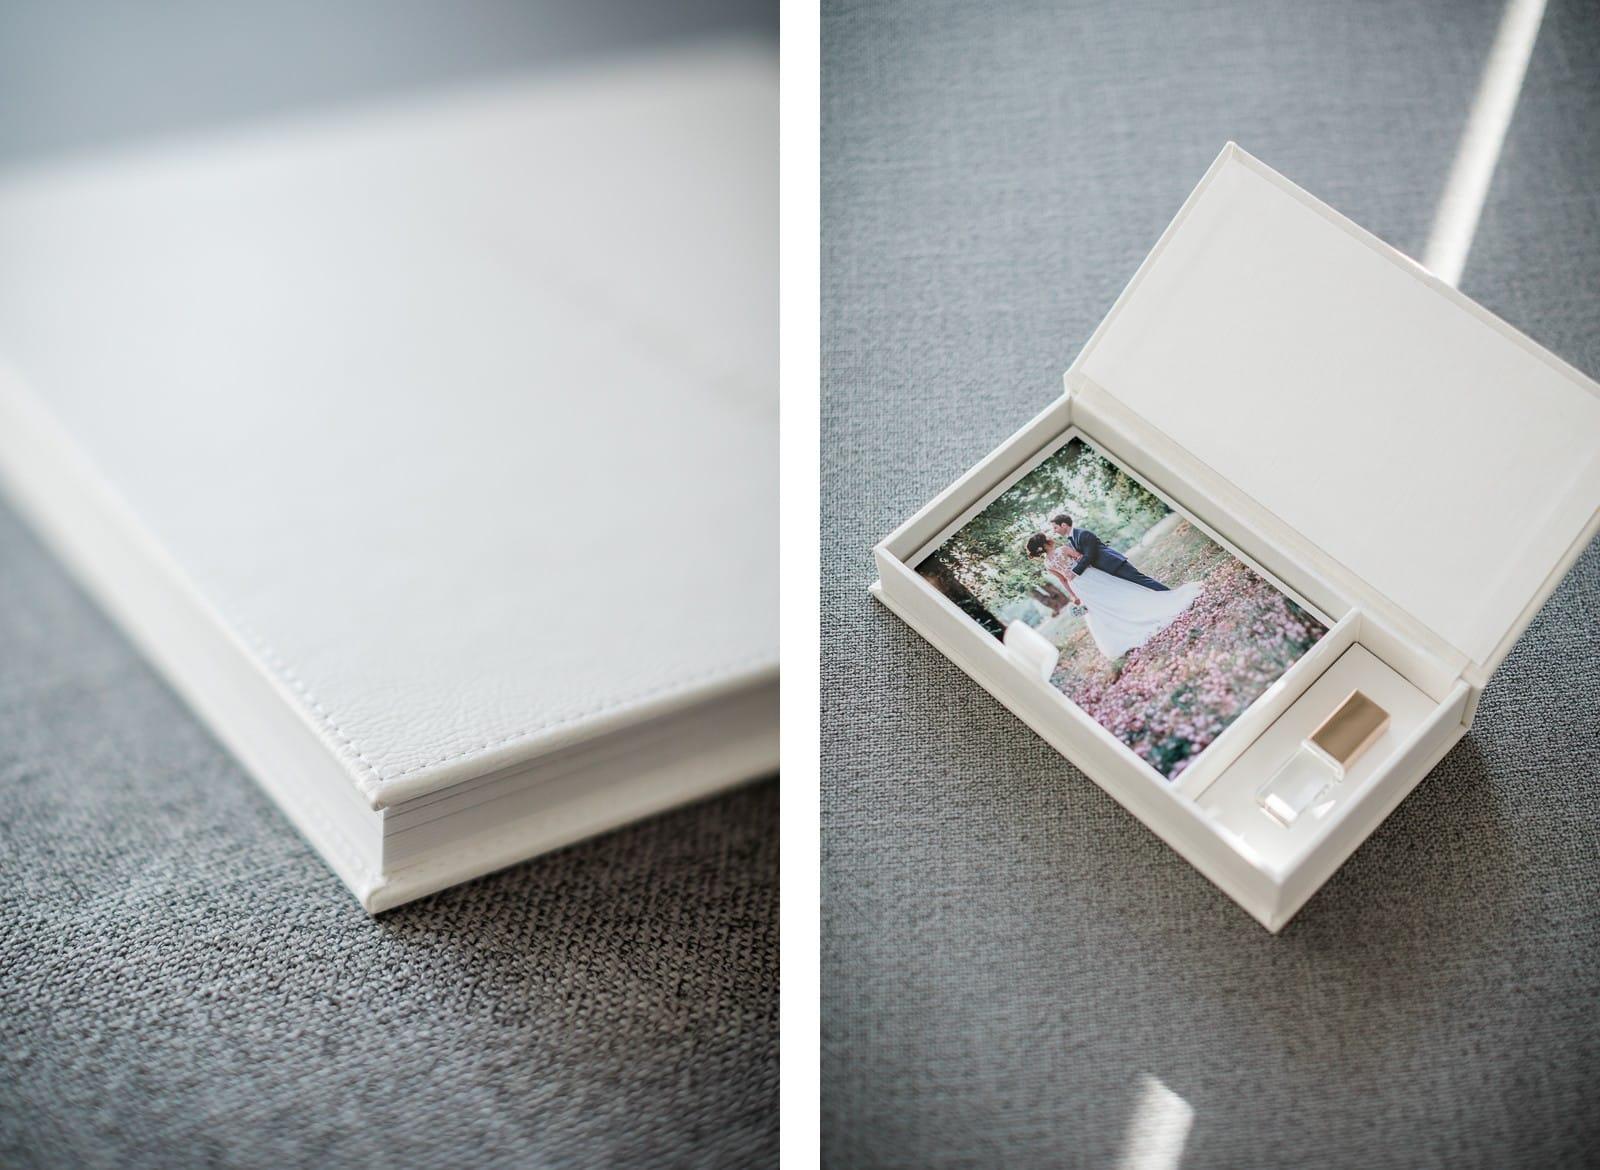 Photographie de Mathieu Dété présentant le livre photo haut de gamme et l'écrin USB de qualité